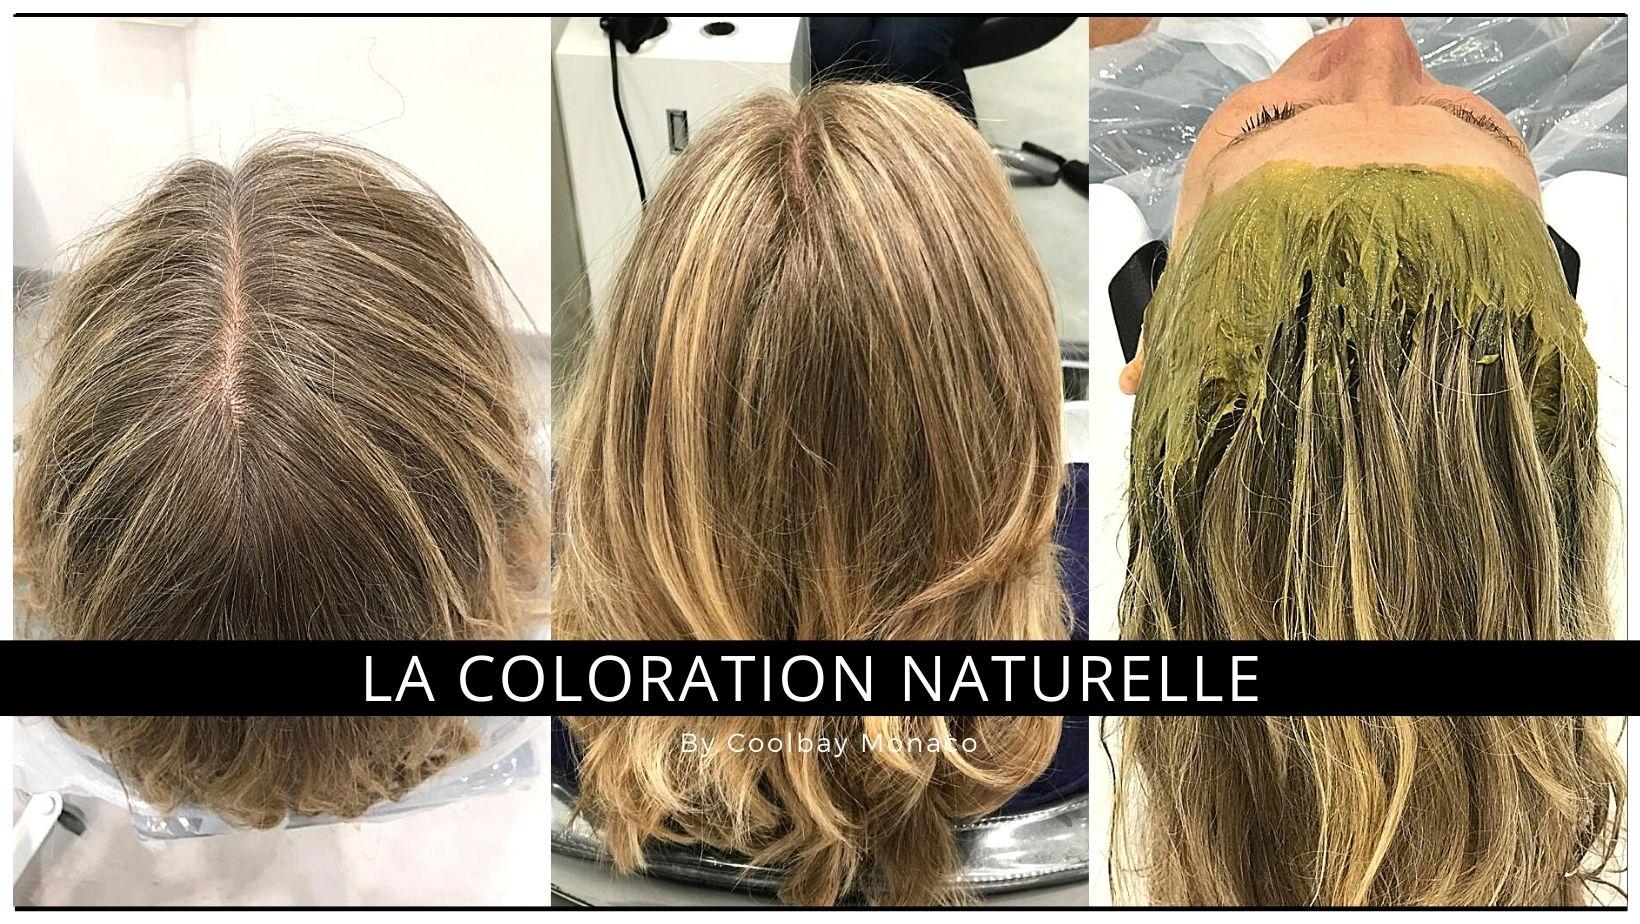 La coloration naturelle au henné par Coolbay Monaco